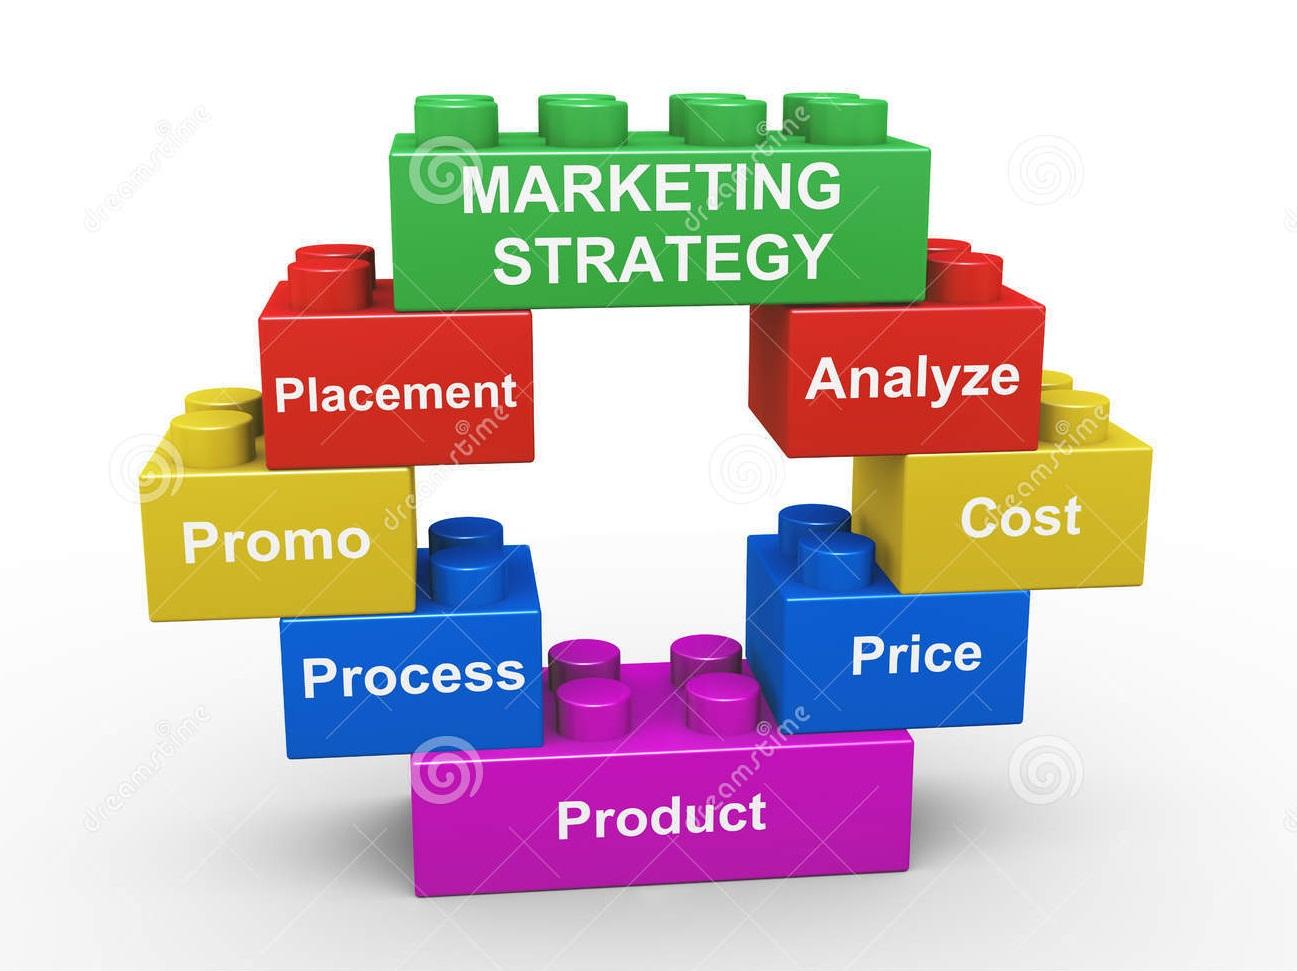 lam sao de xay dung chien luoc marketing hieu qua1 Chiến lược marketing đơn giản và hiệu quả   Facebook Ninja